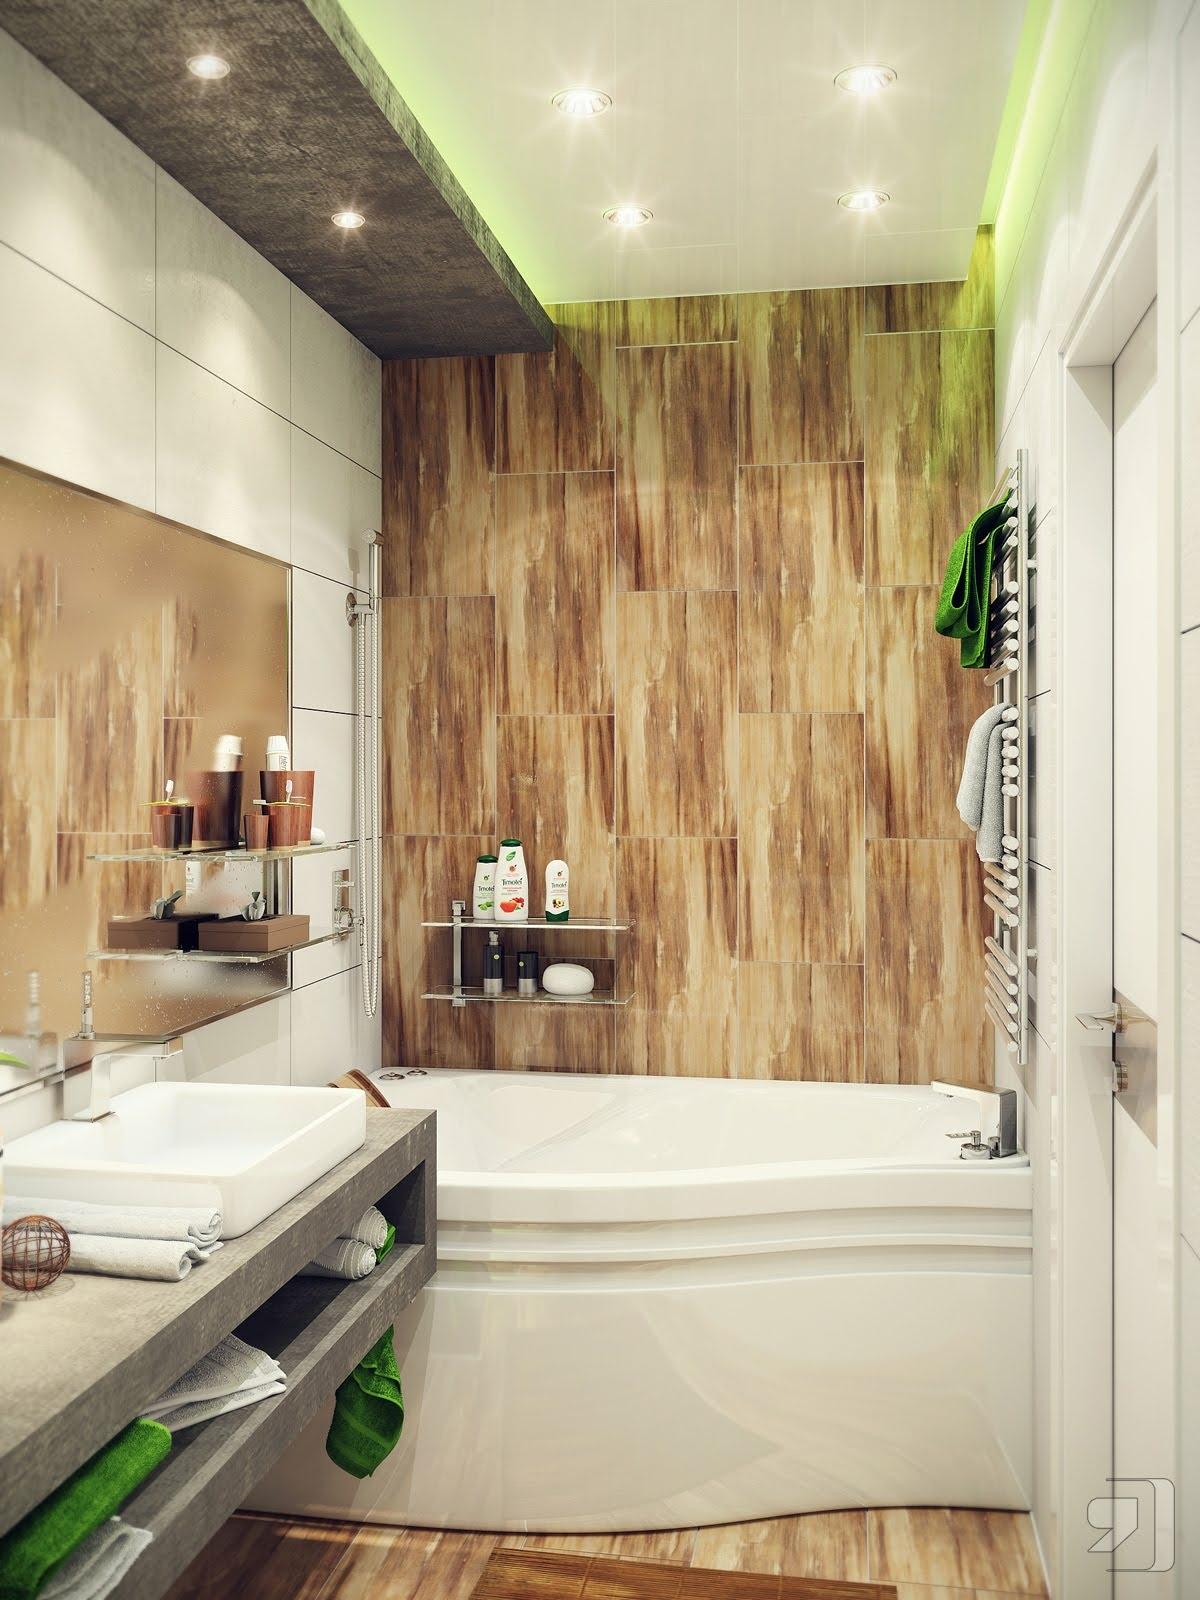 Green-white-wood-bathroom